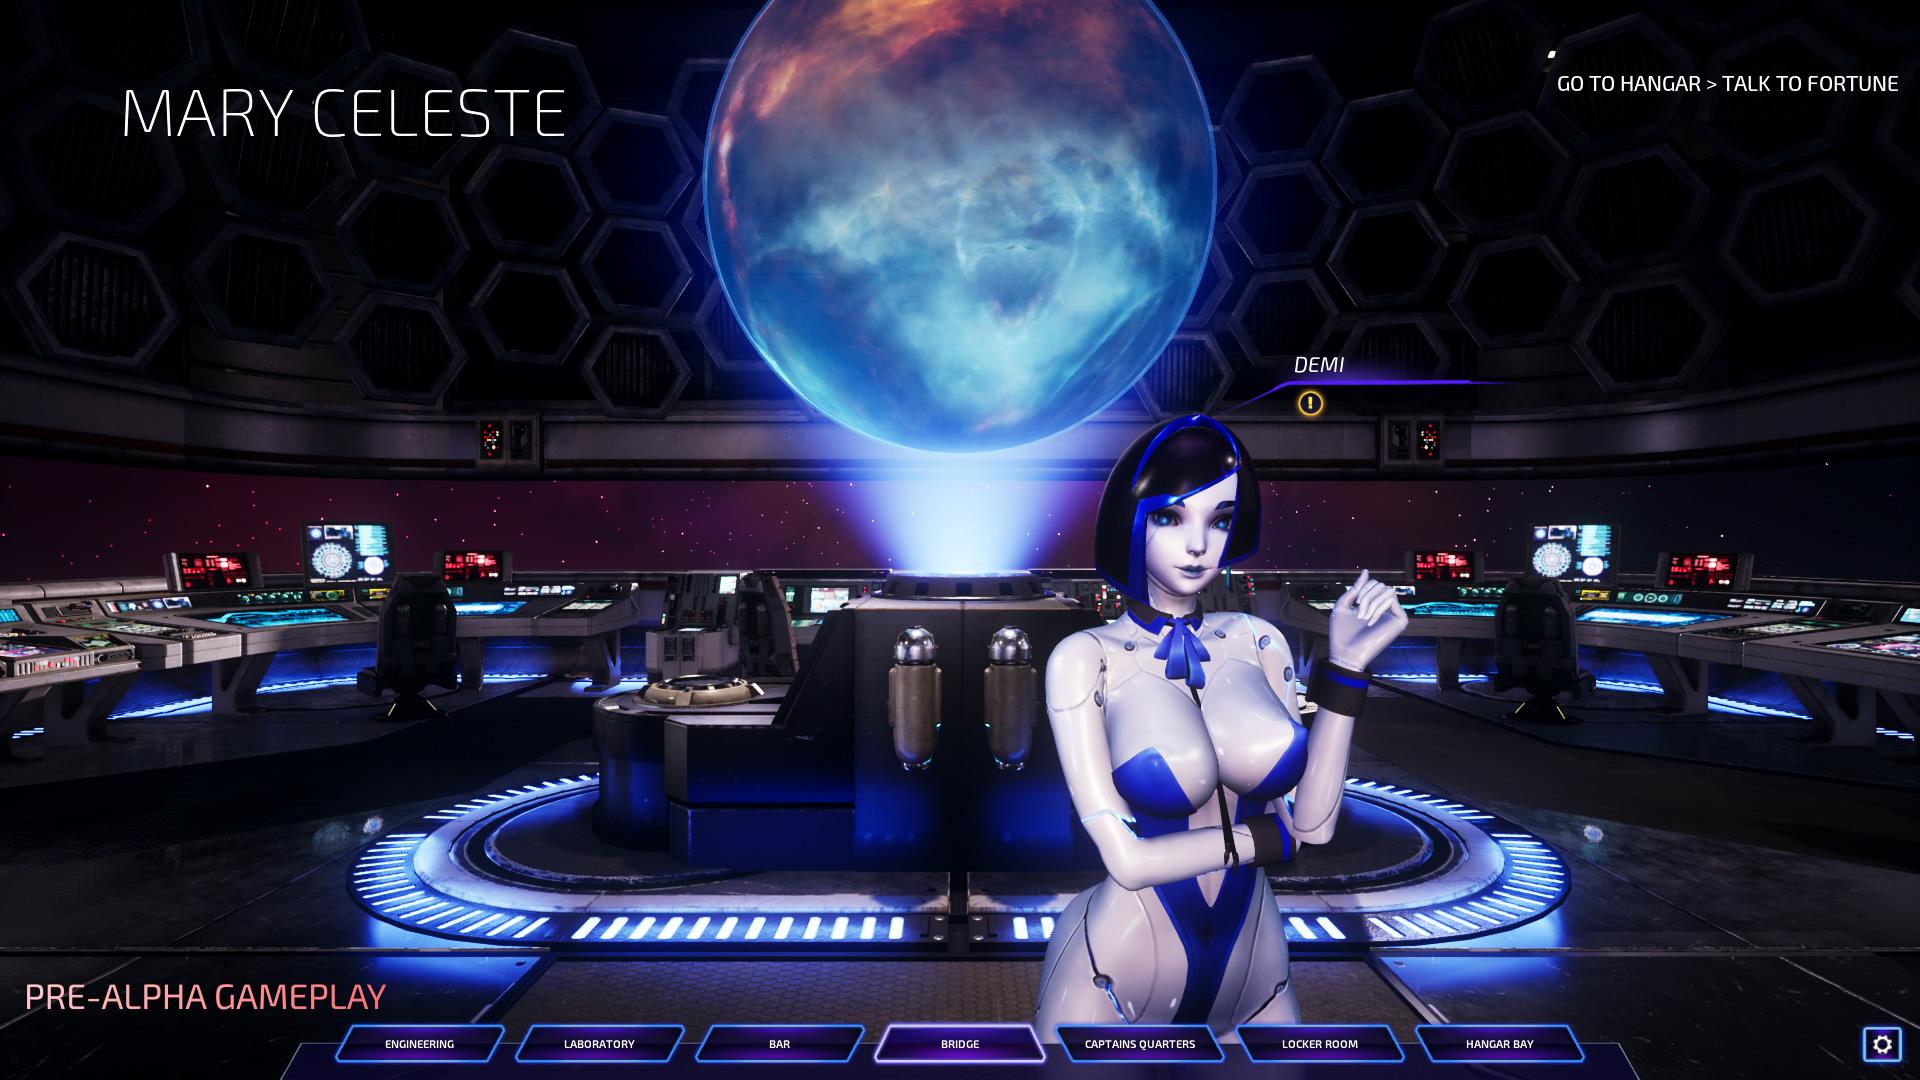 Planet 7 oz casino no deposit bonus codes 2019